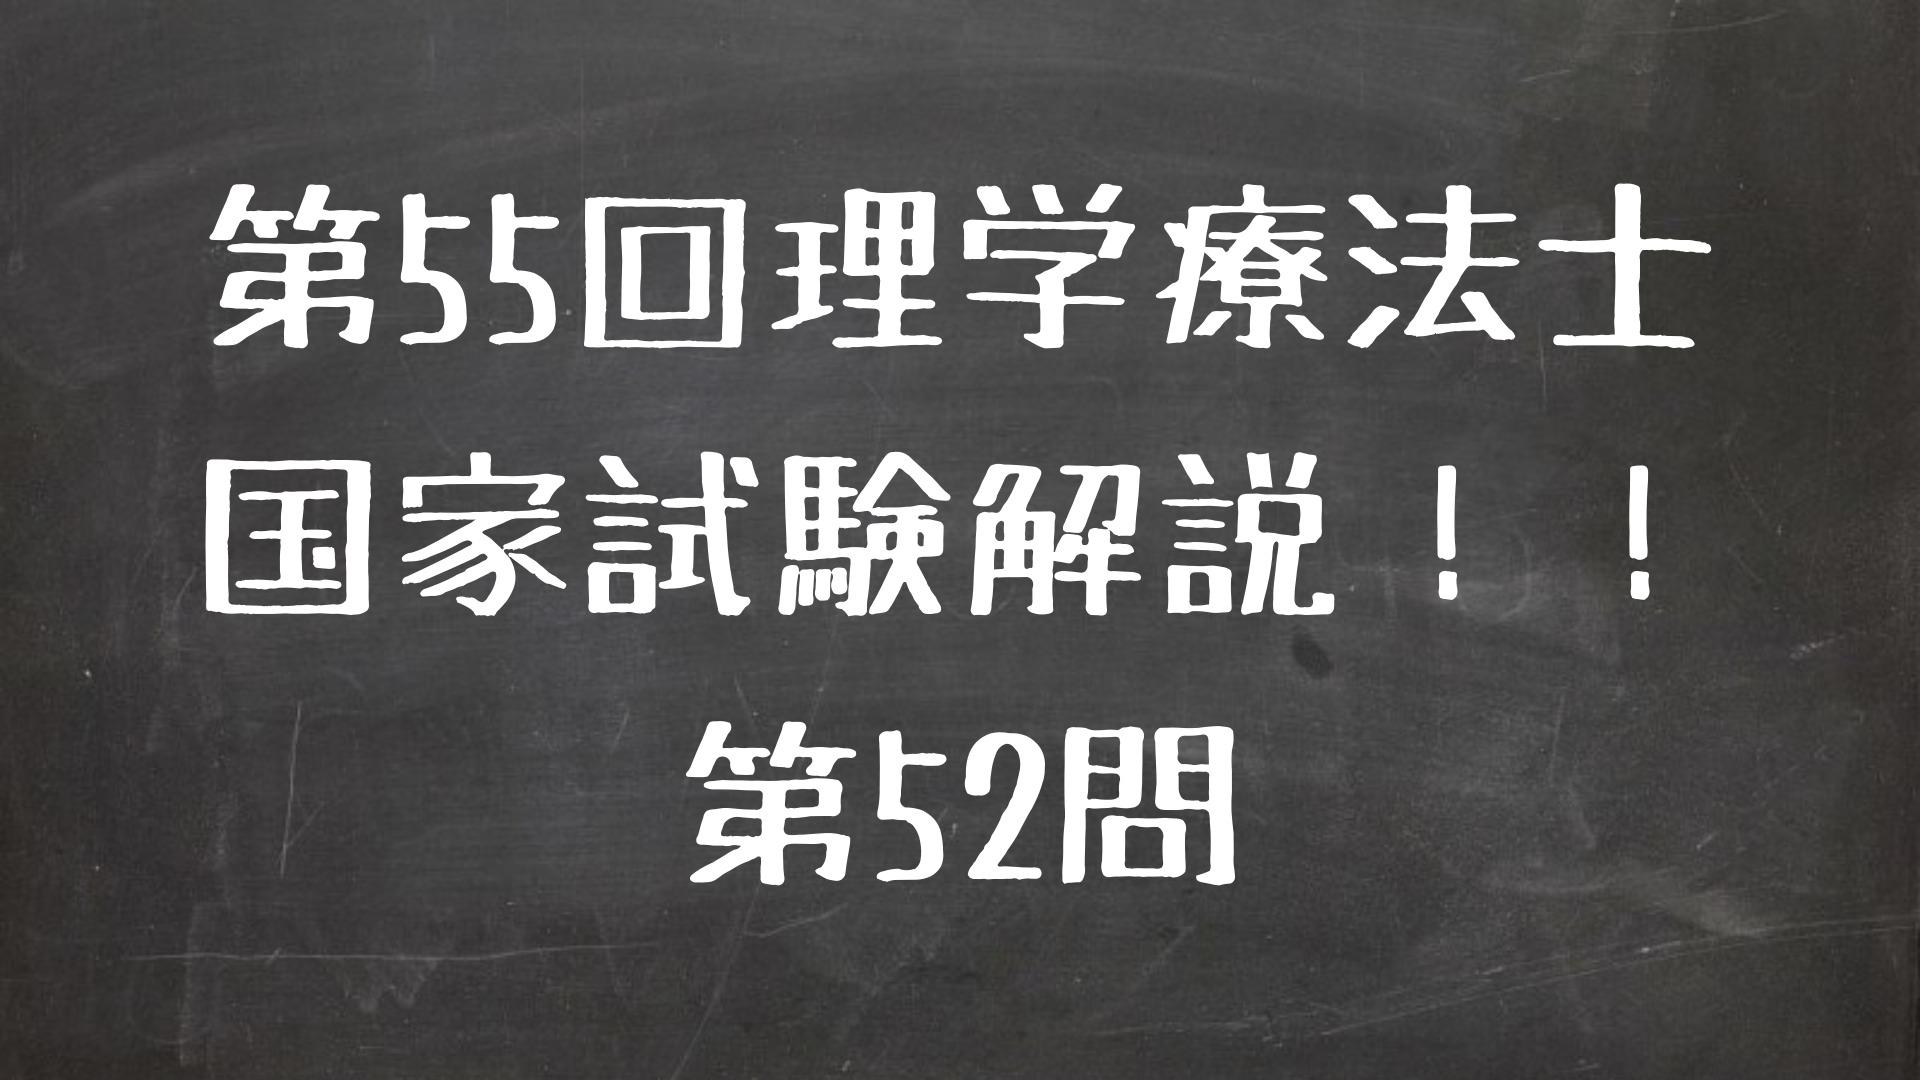 第55回理学療法士国家試験 午前 第52問